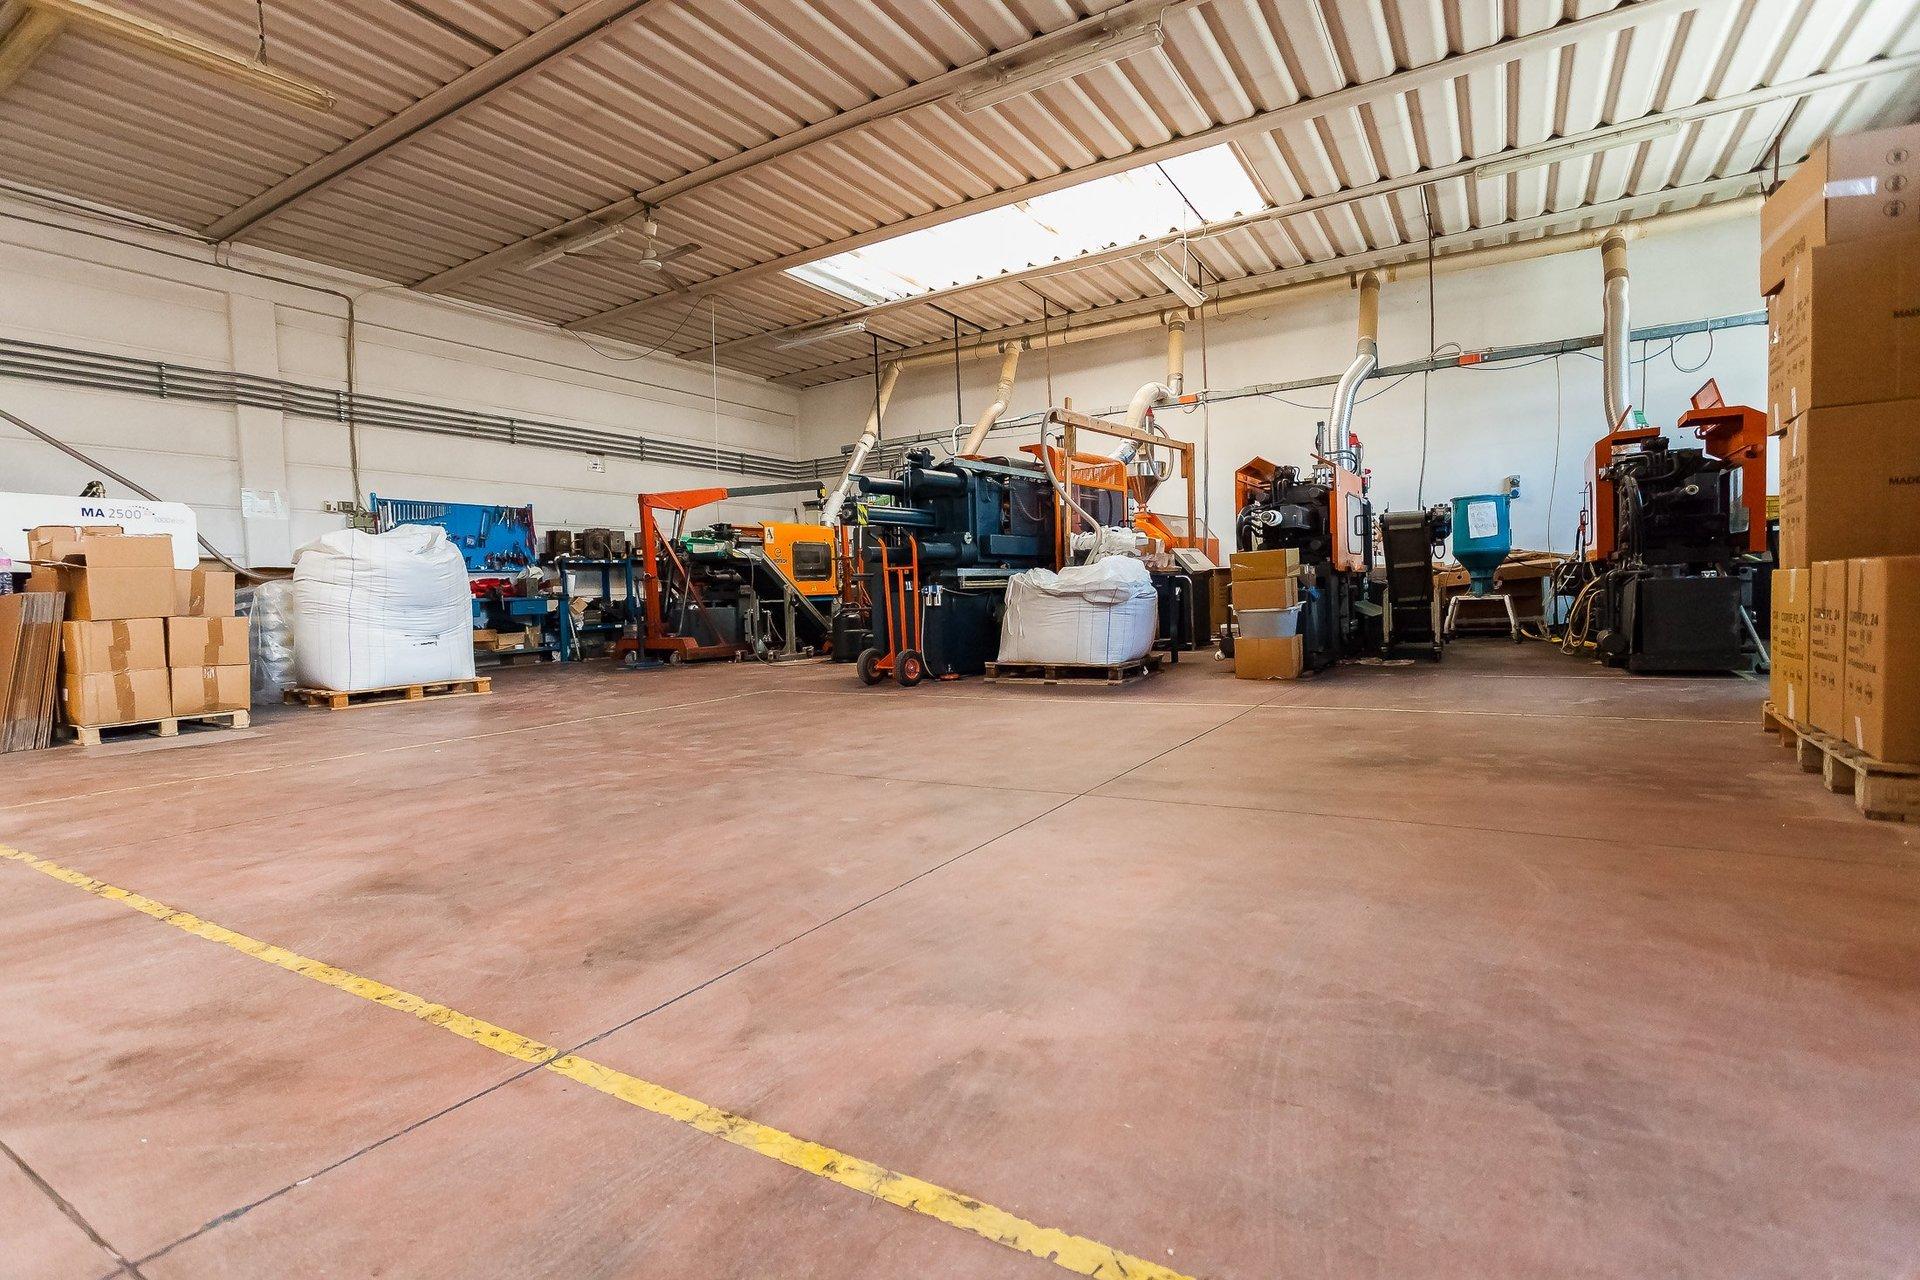 magazzino di azienda produttrice di materiali in plastica